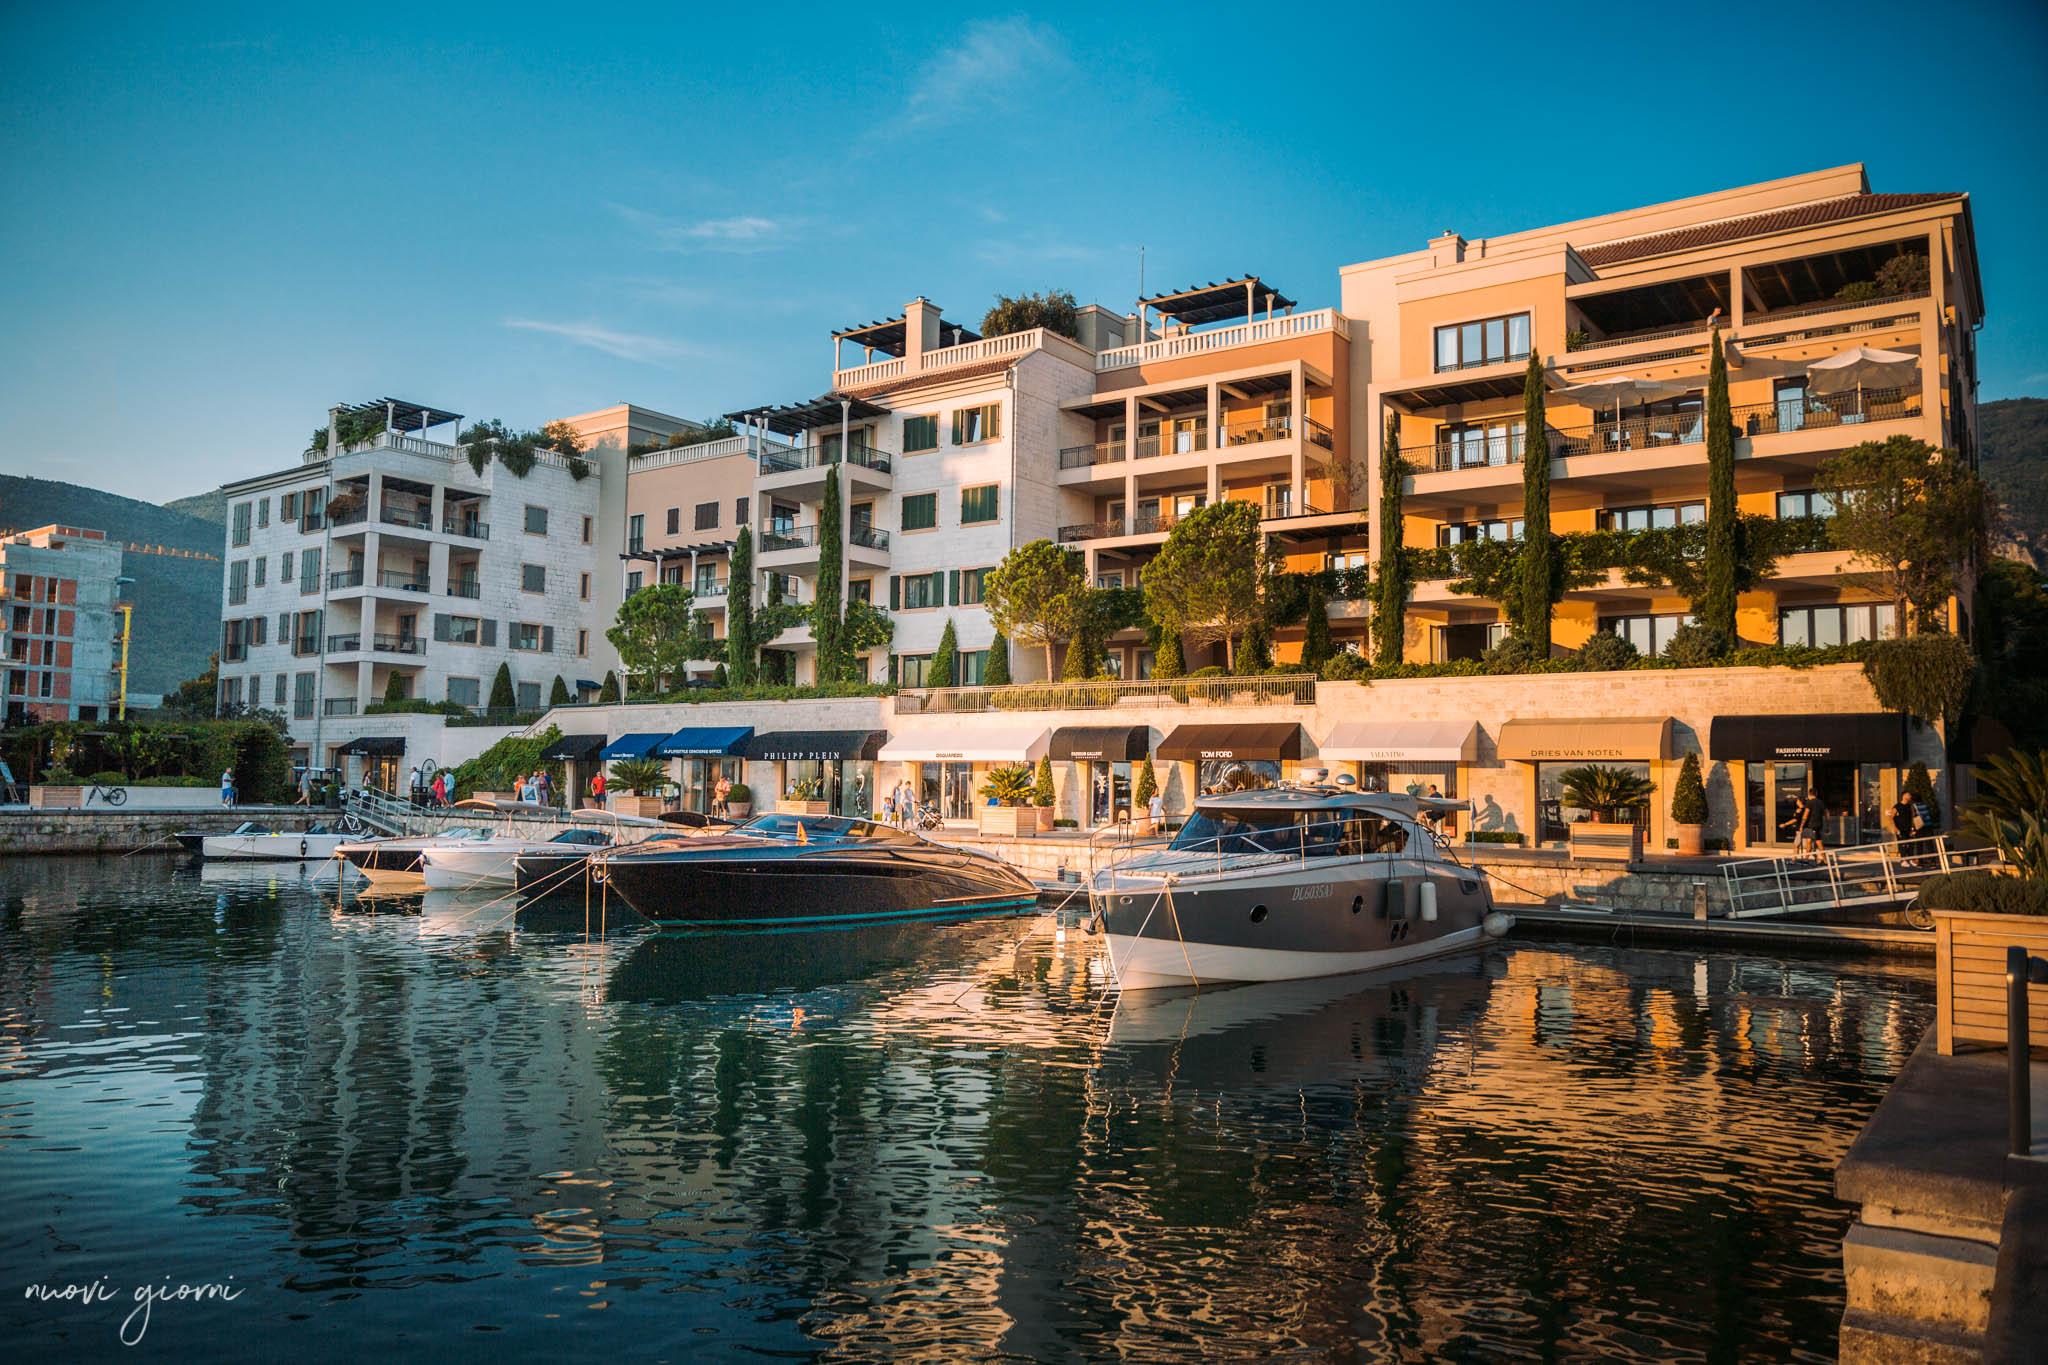 montenegro vacanza caicco gulet cruise nuovi giorni blog 55